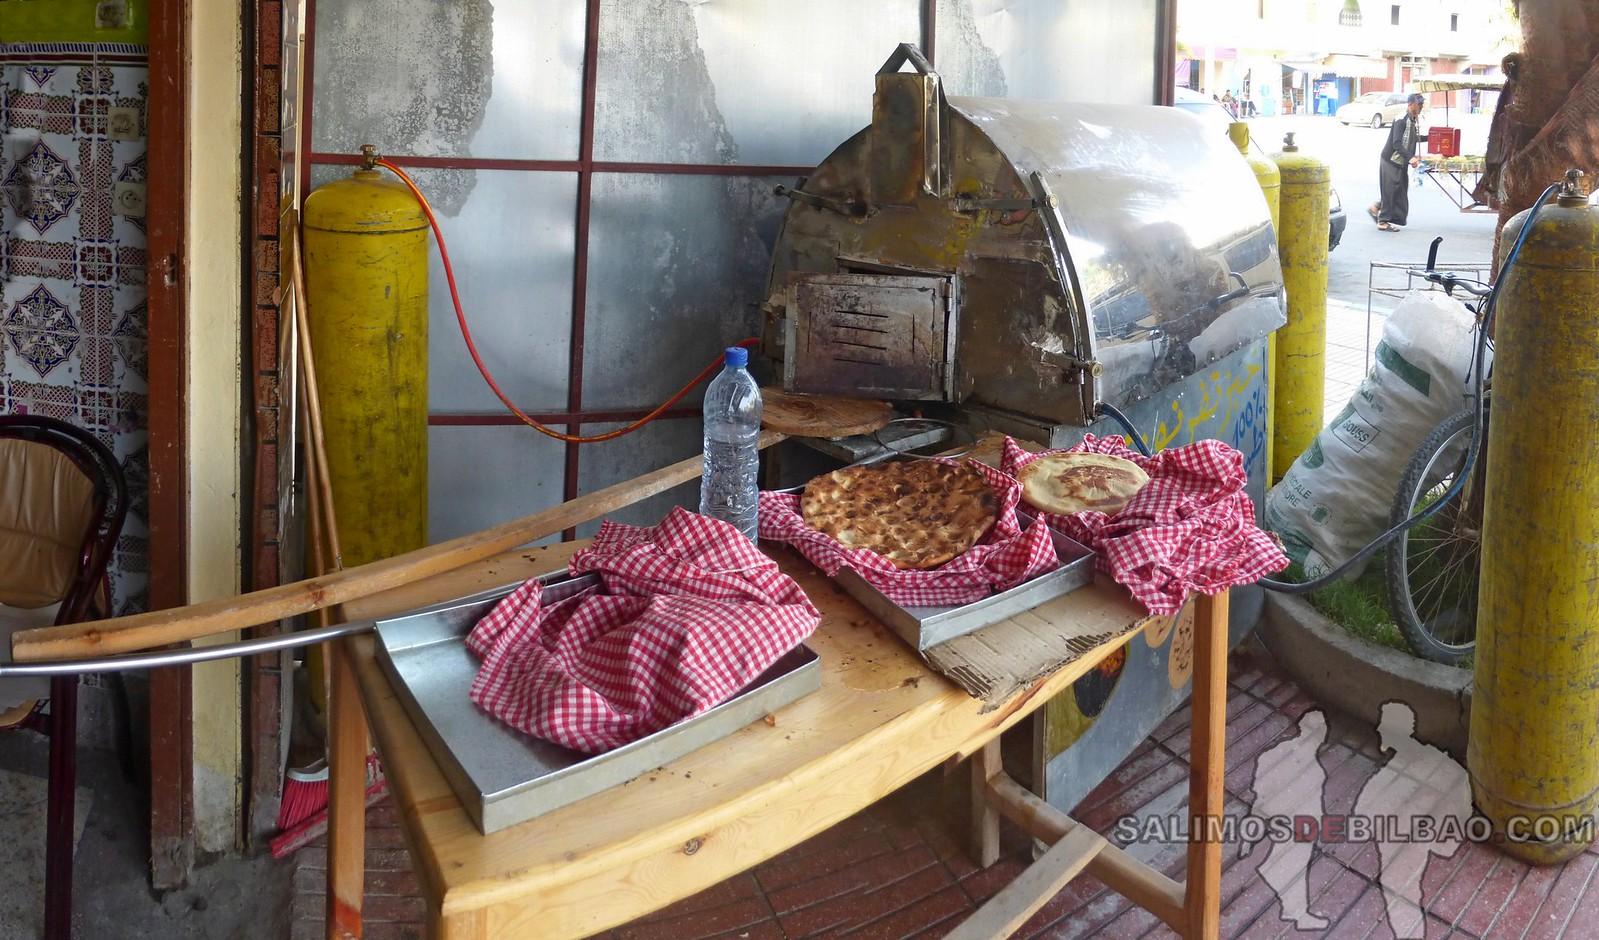 183. Pano, Torta de pan al horno de piedras, Dakhla